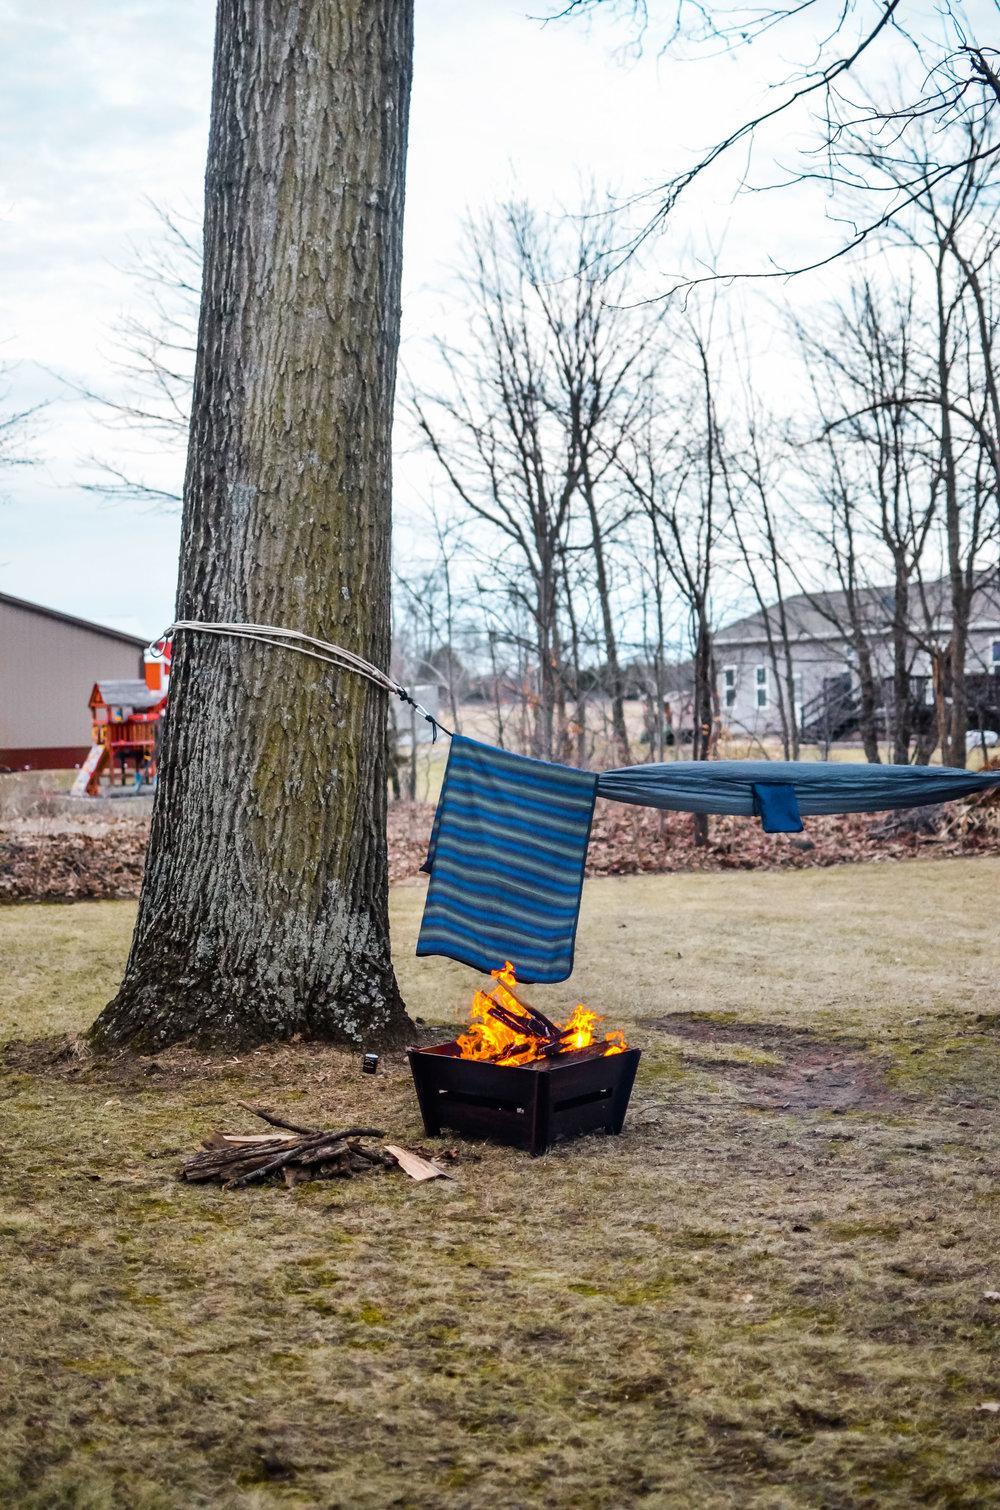 Spring_Is_Here_Bespoke_Post_Coaltree_Hammock_Camping-3.jpg